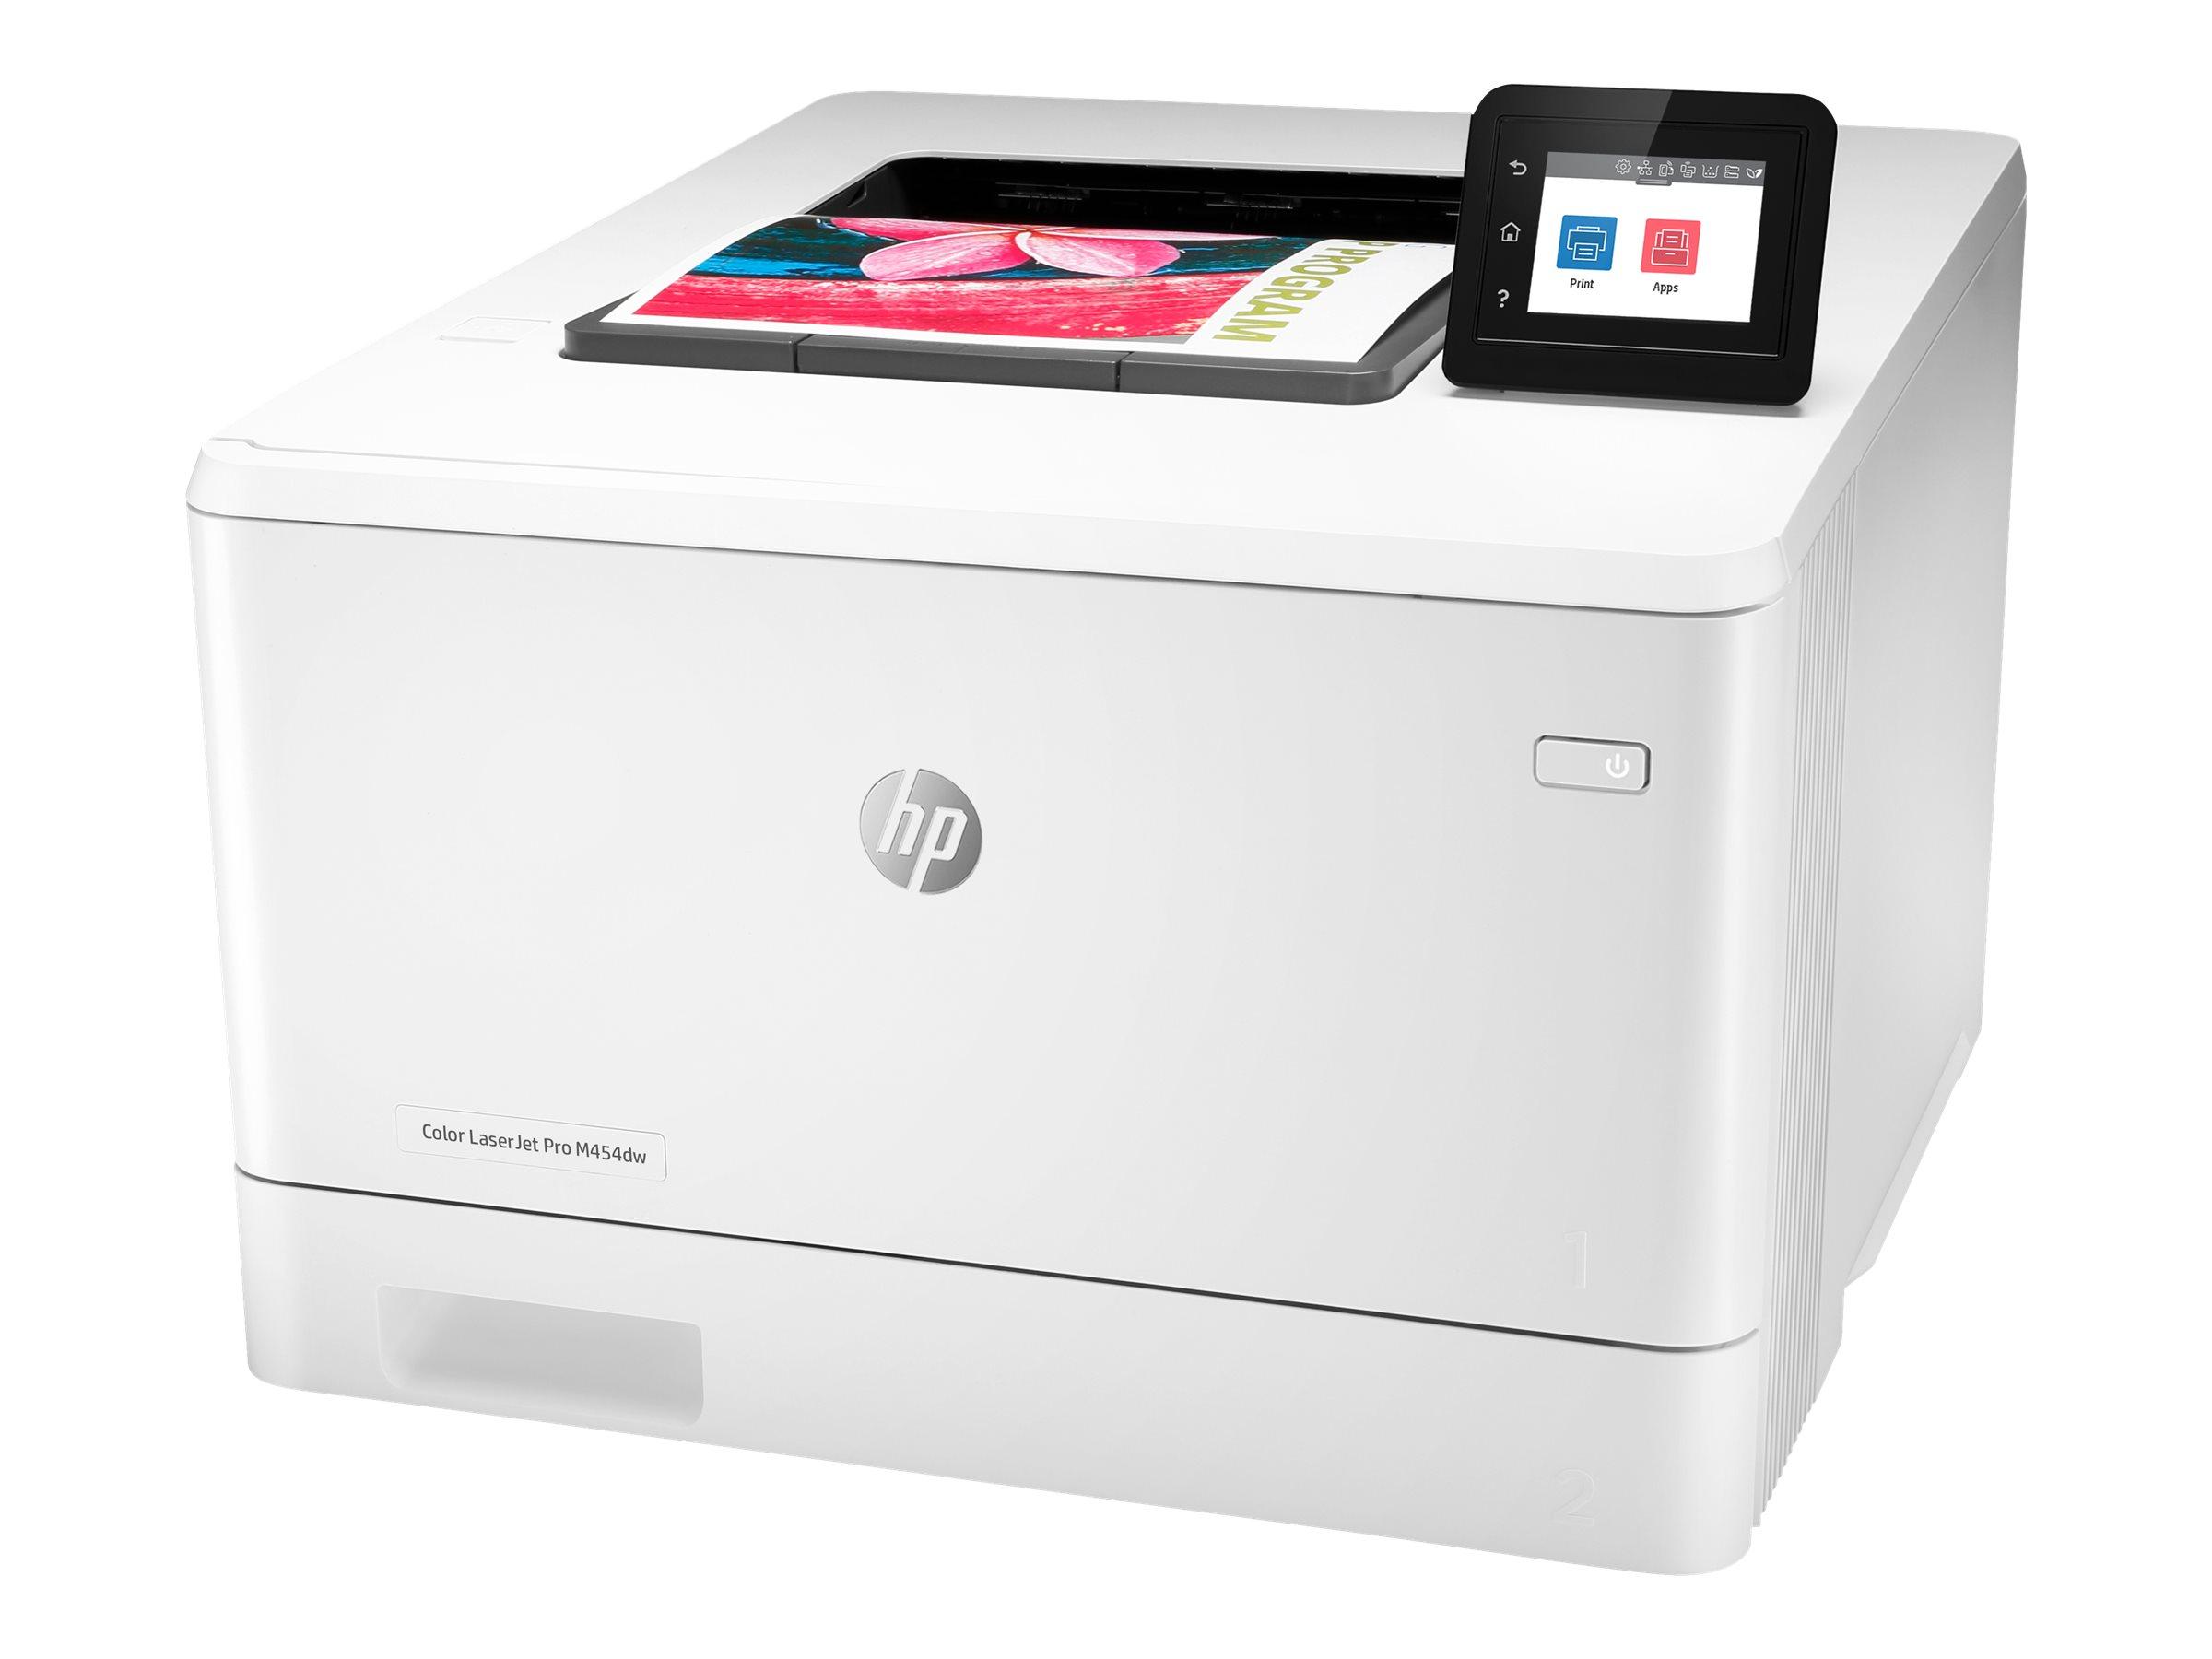 HP Color LaserJet Pro M454dw - Drucker - Farbe - Duplex - Laser - A4/Legal - 38.400 x 600 dpi - bis zu 27 Seiten/Min. (einfarbig)/